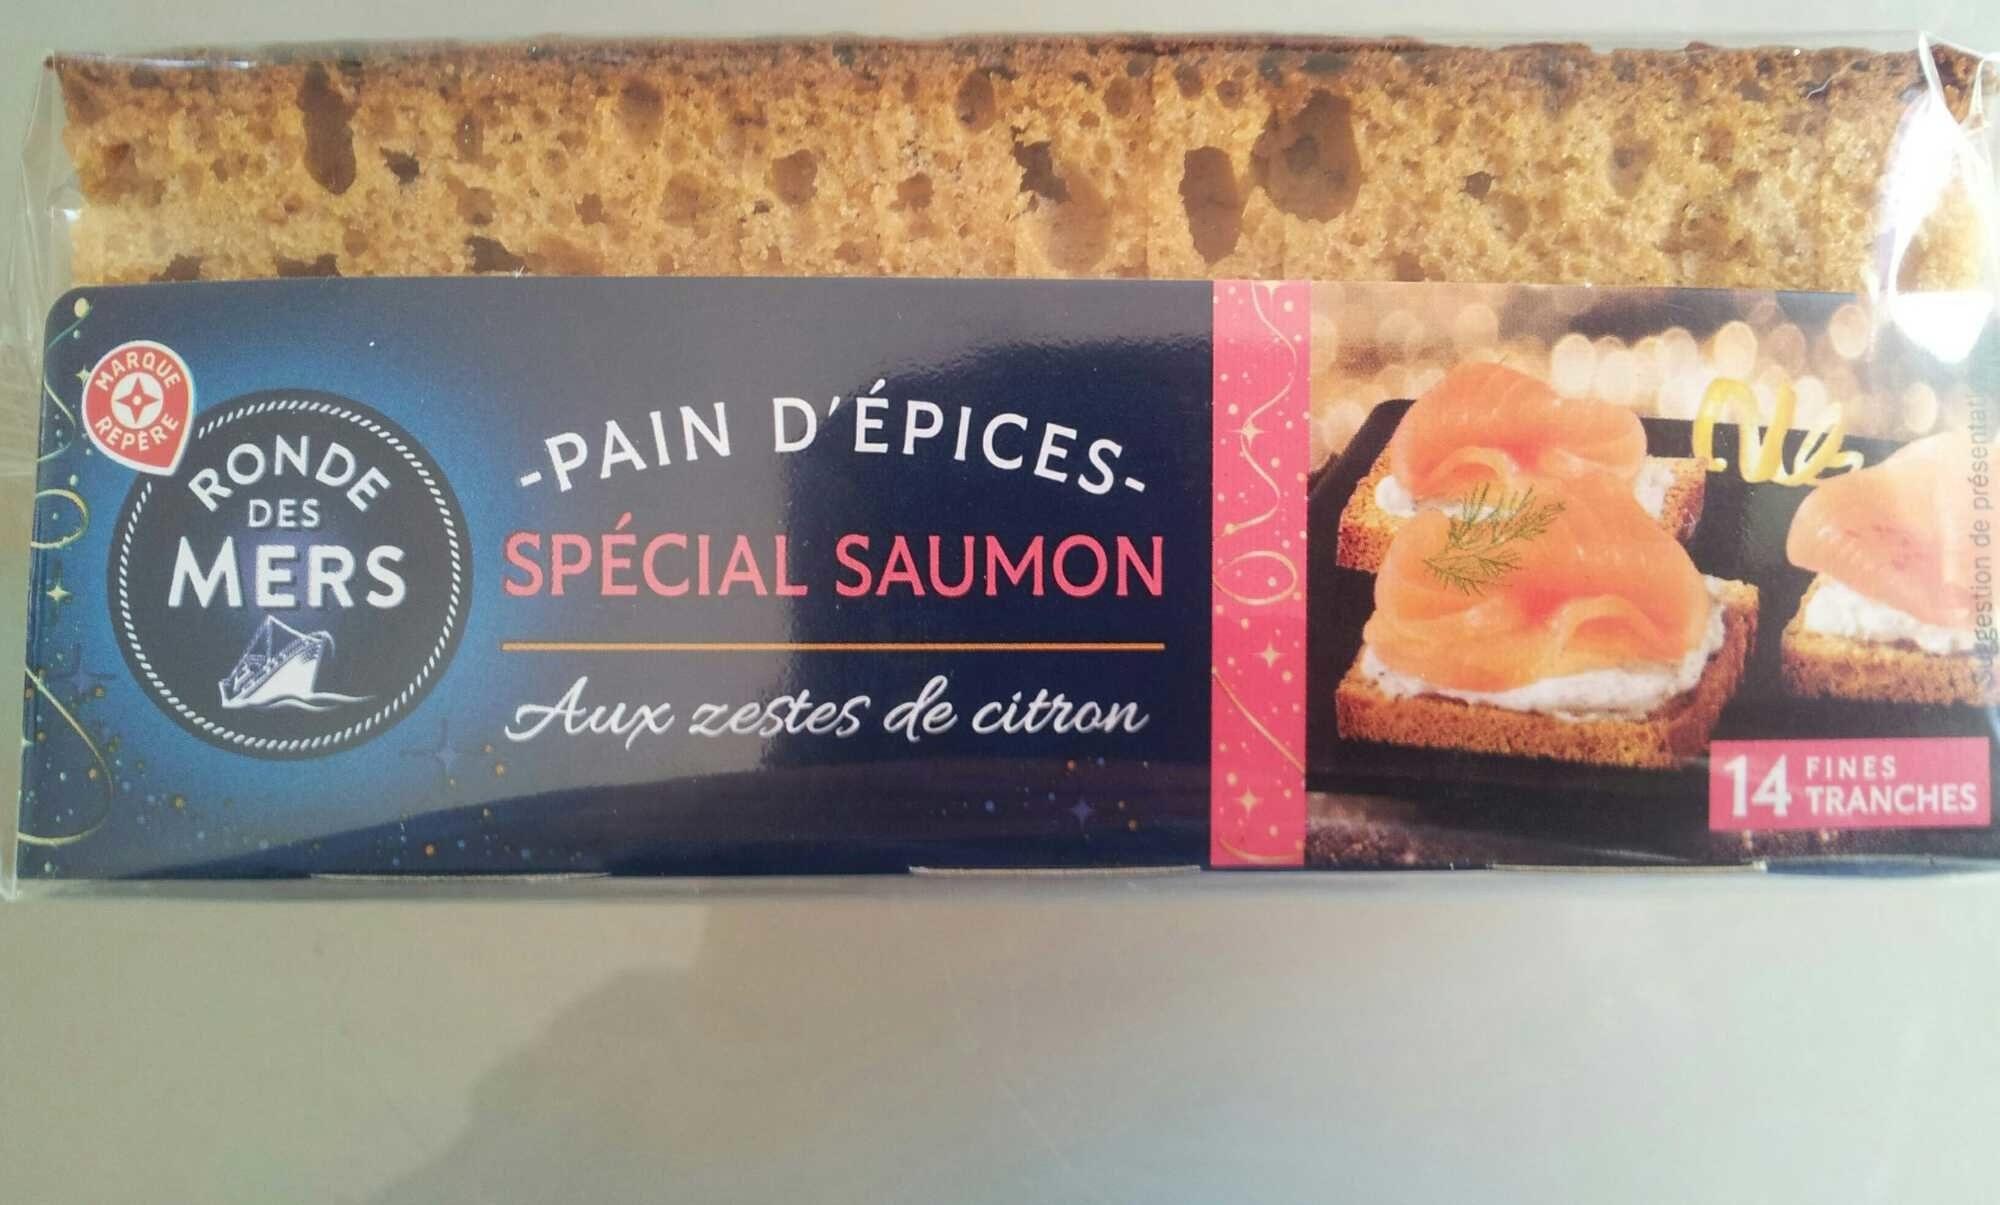 Pain d'épices au miel et aux zestes de citron (spécial saumon) - Product